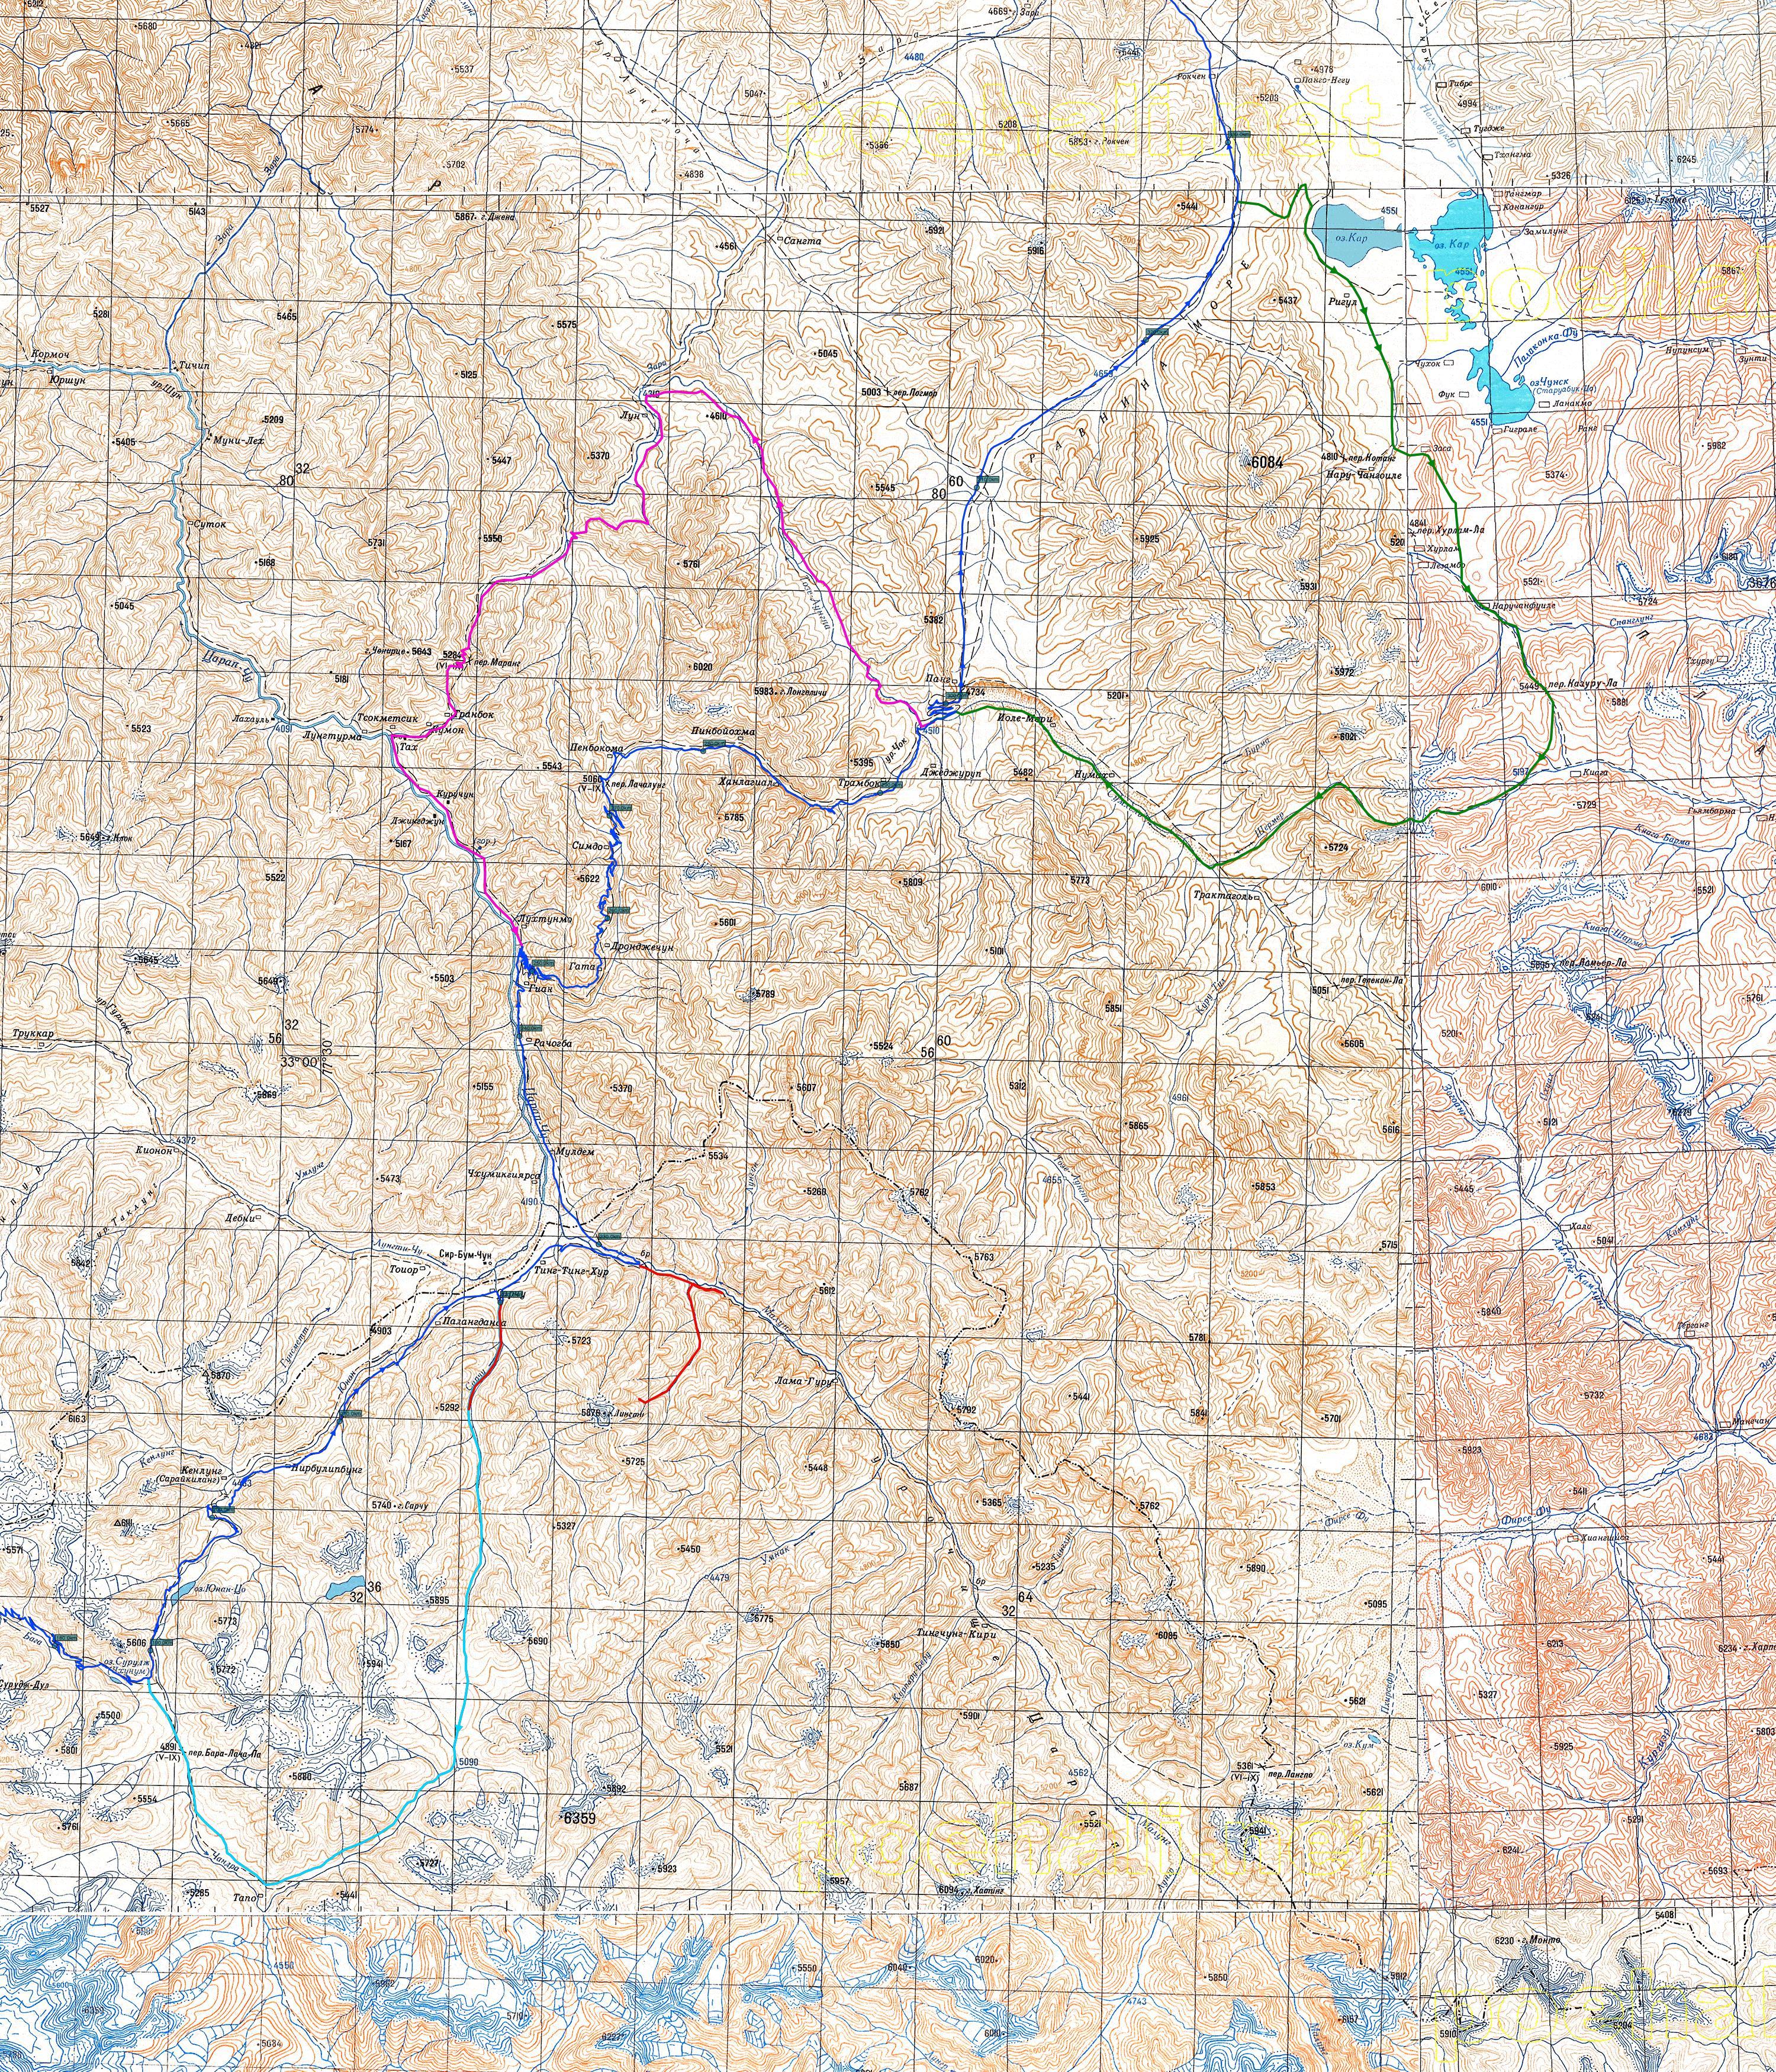 Карта детского похода в Индийские Гималаи и Ладакх, GingerTea, 2016